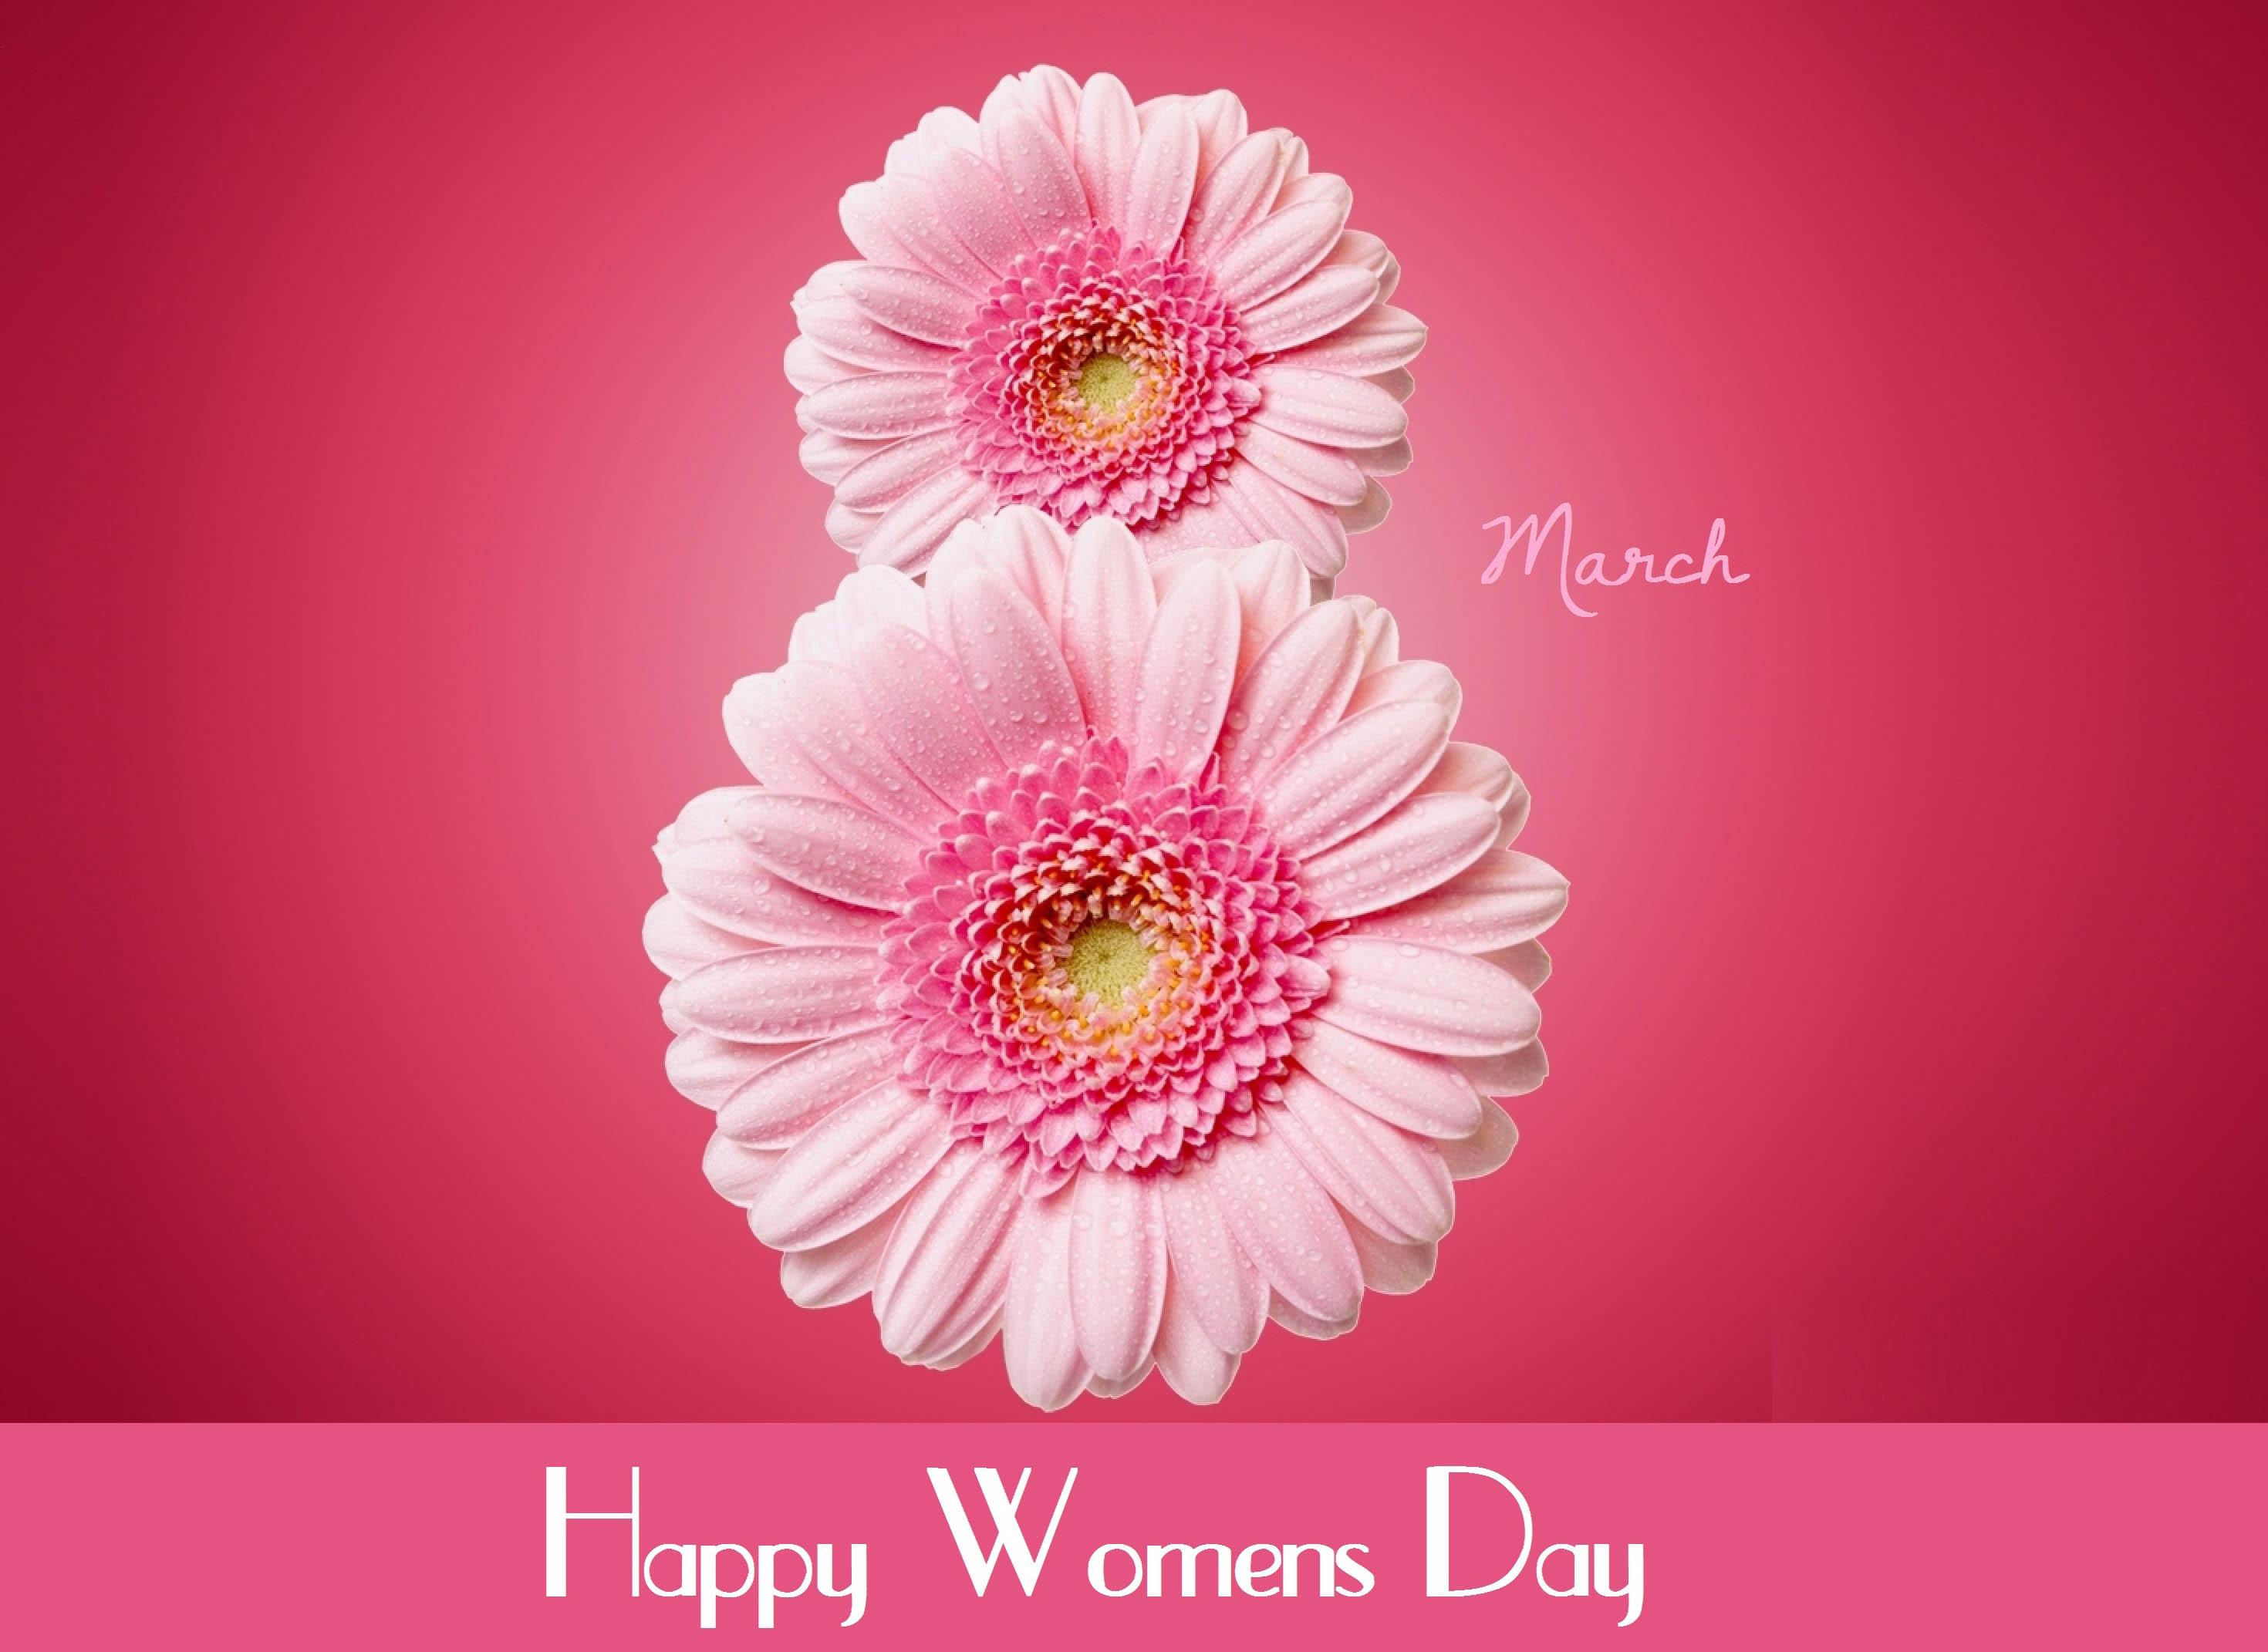 С женским днем пожелания поздравления